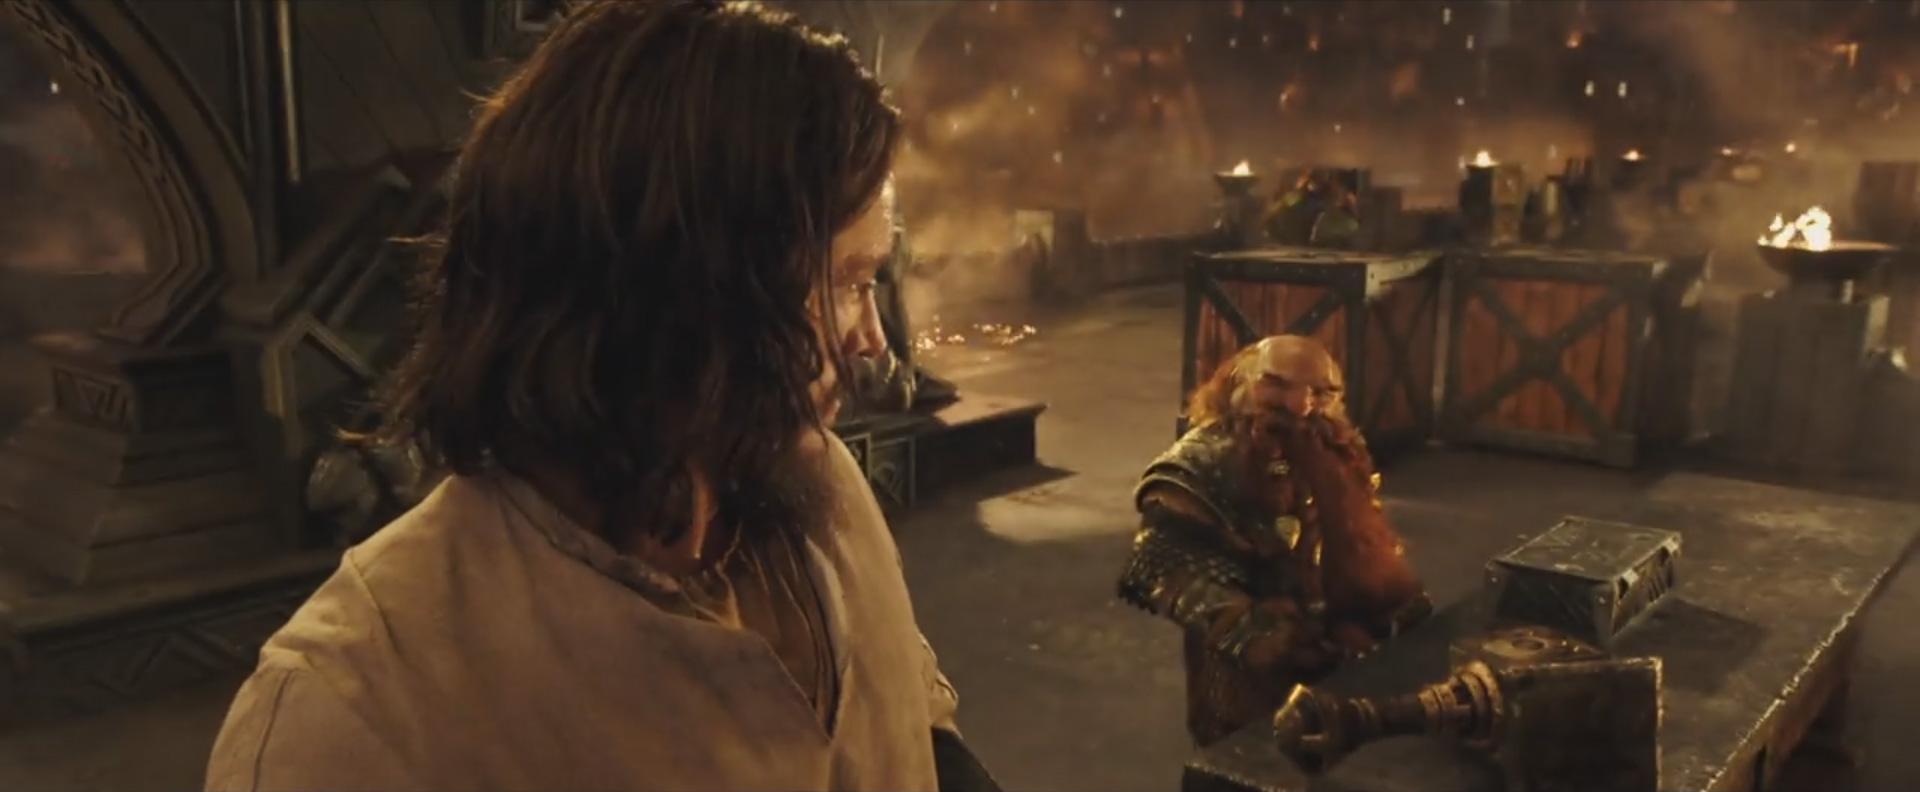 Movie dwarf fucking scenes